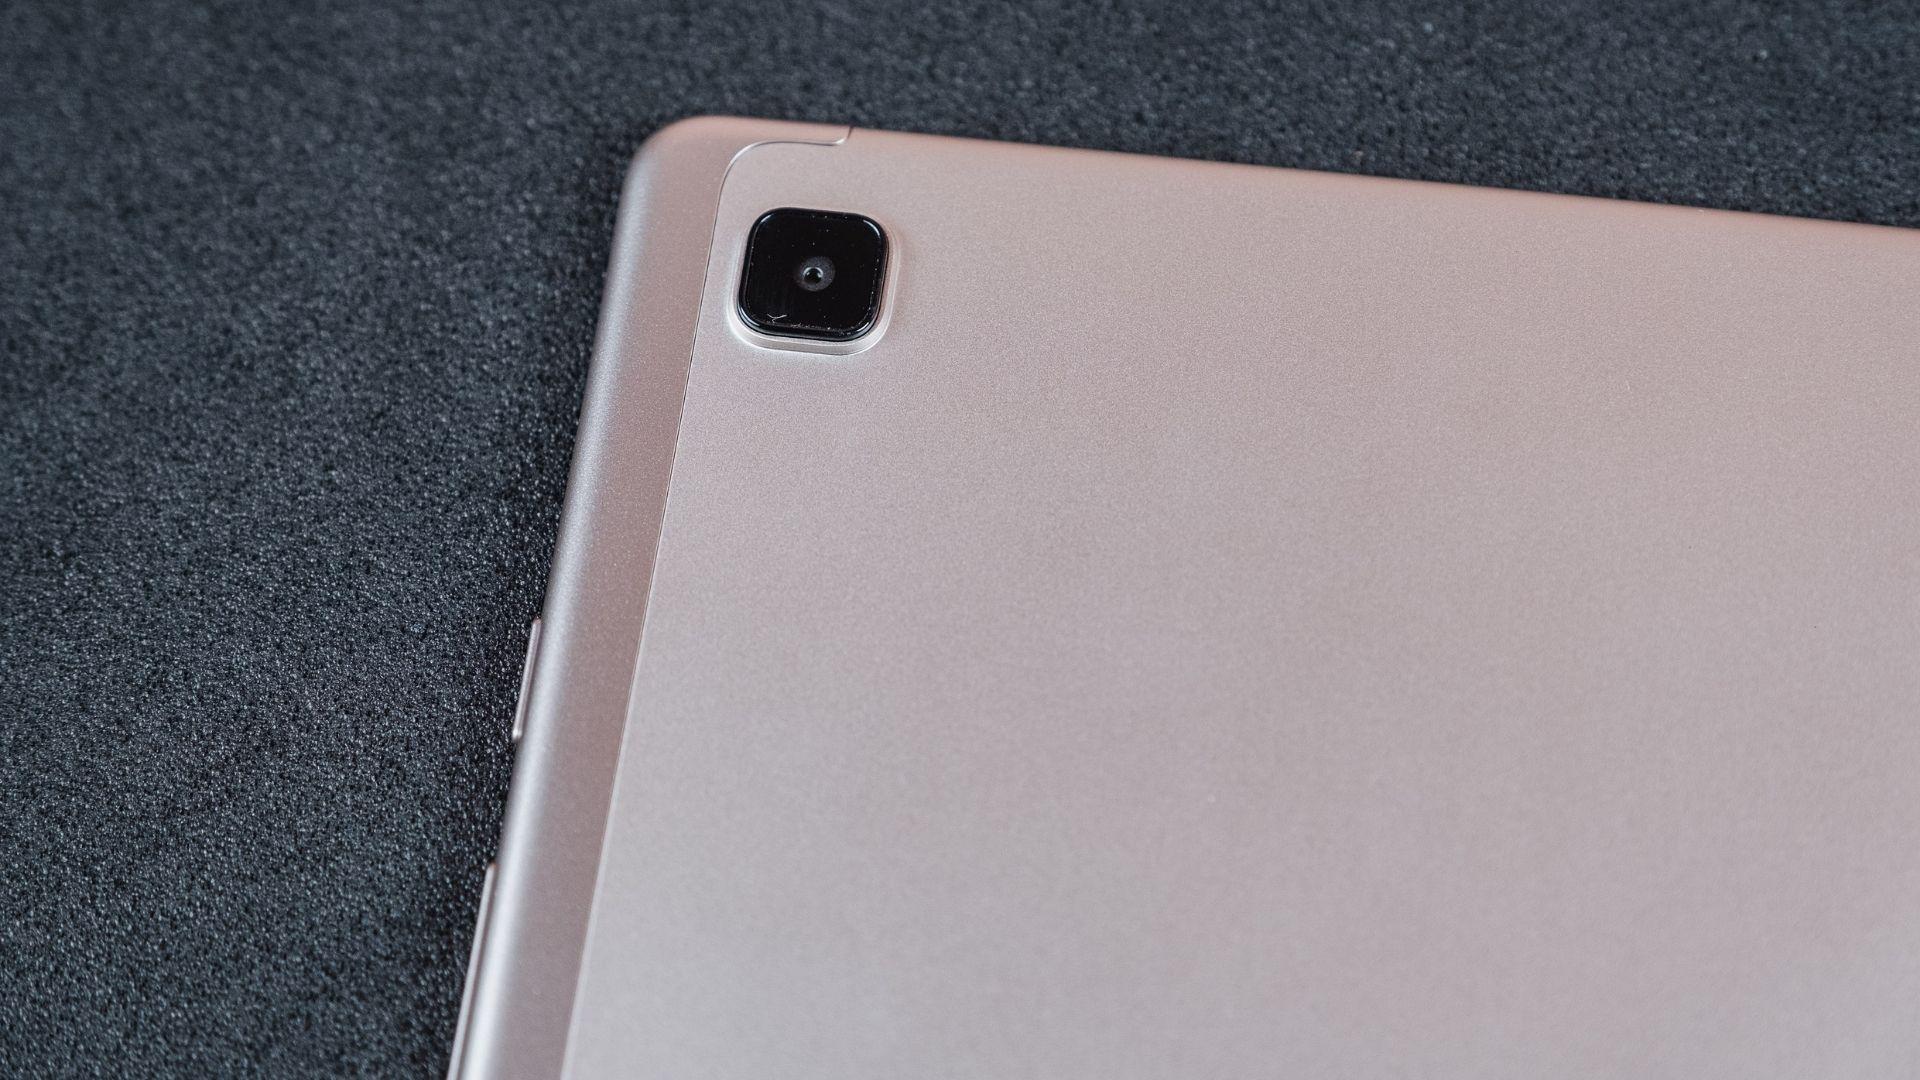 Detalhe da câmera traseira do Galaxy Tab A7 na cor dourada em um fundo cinza